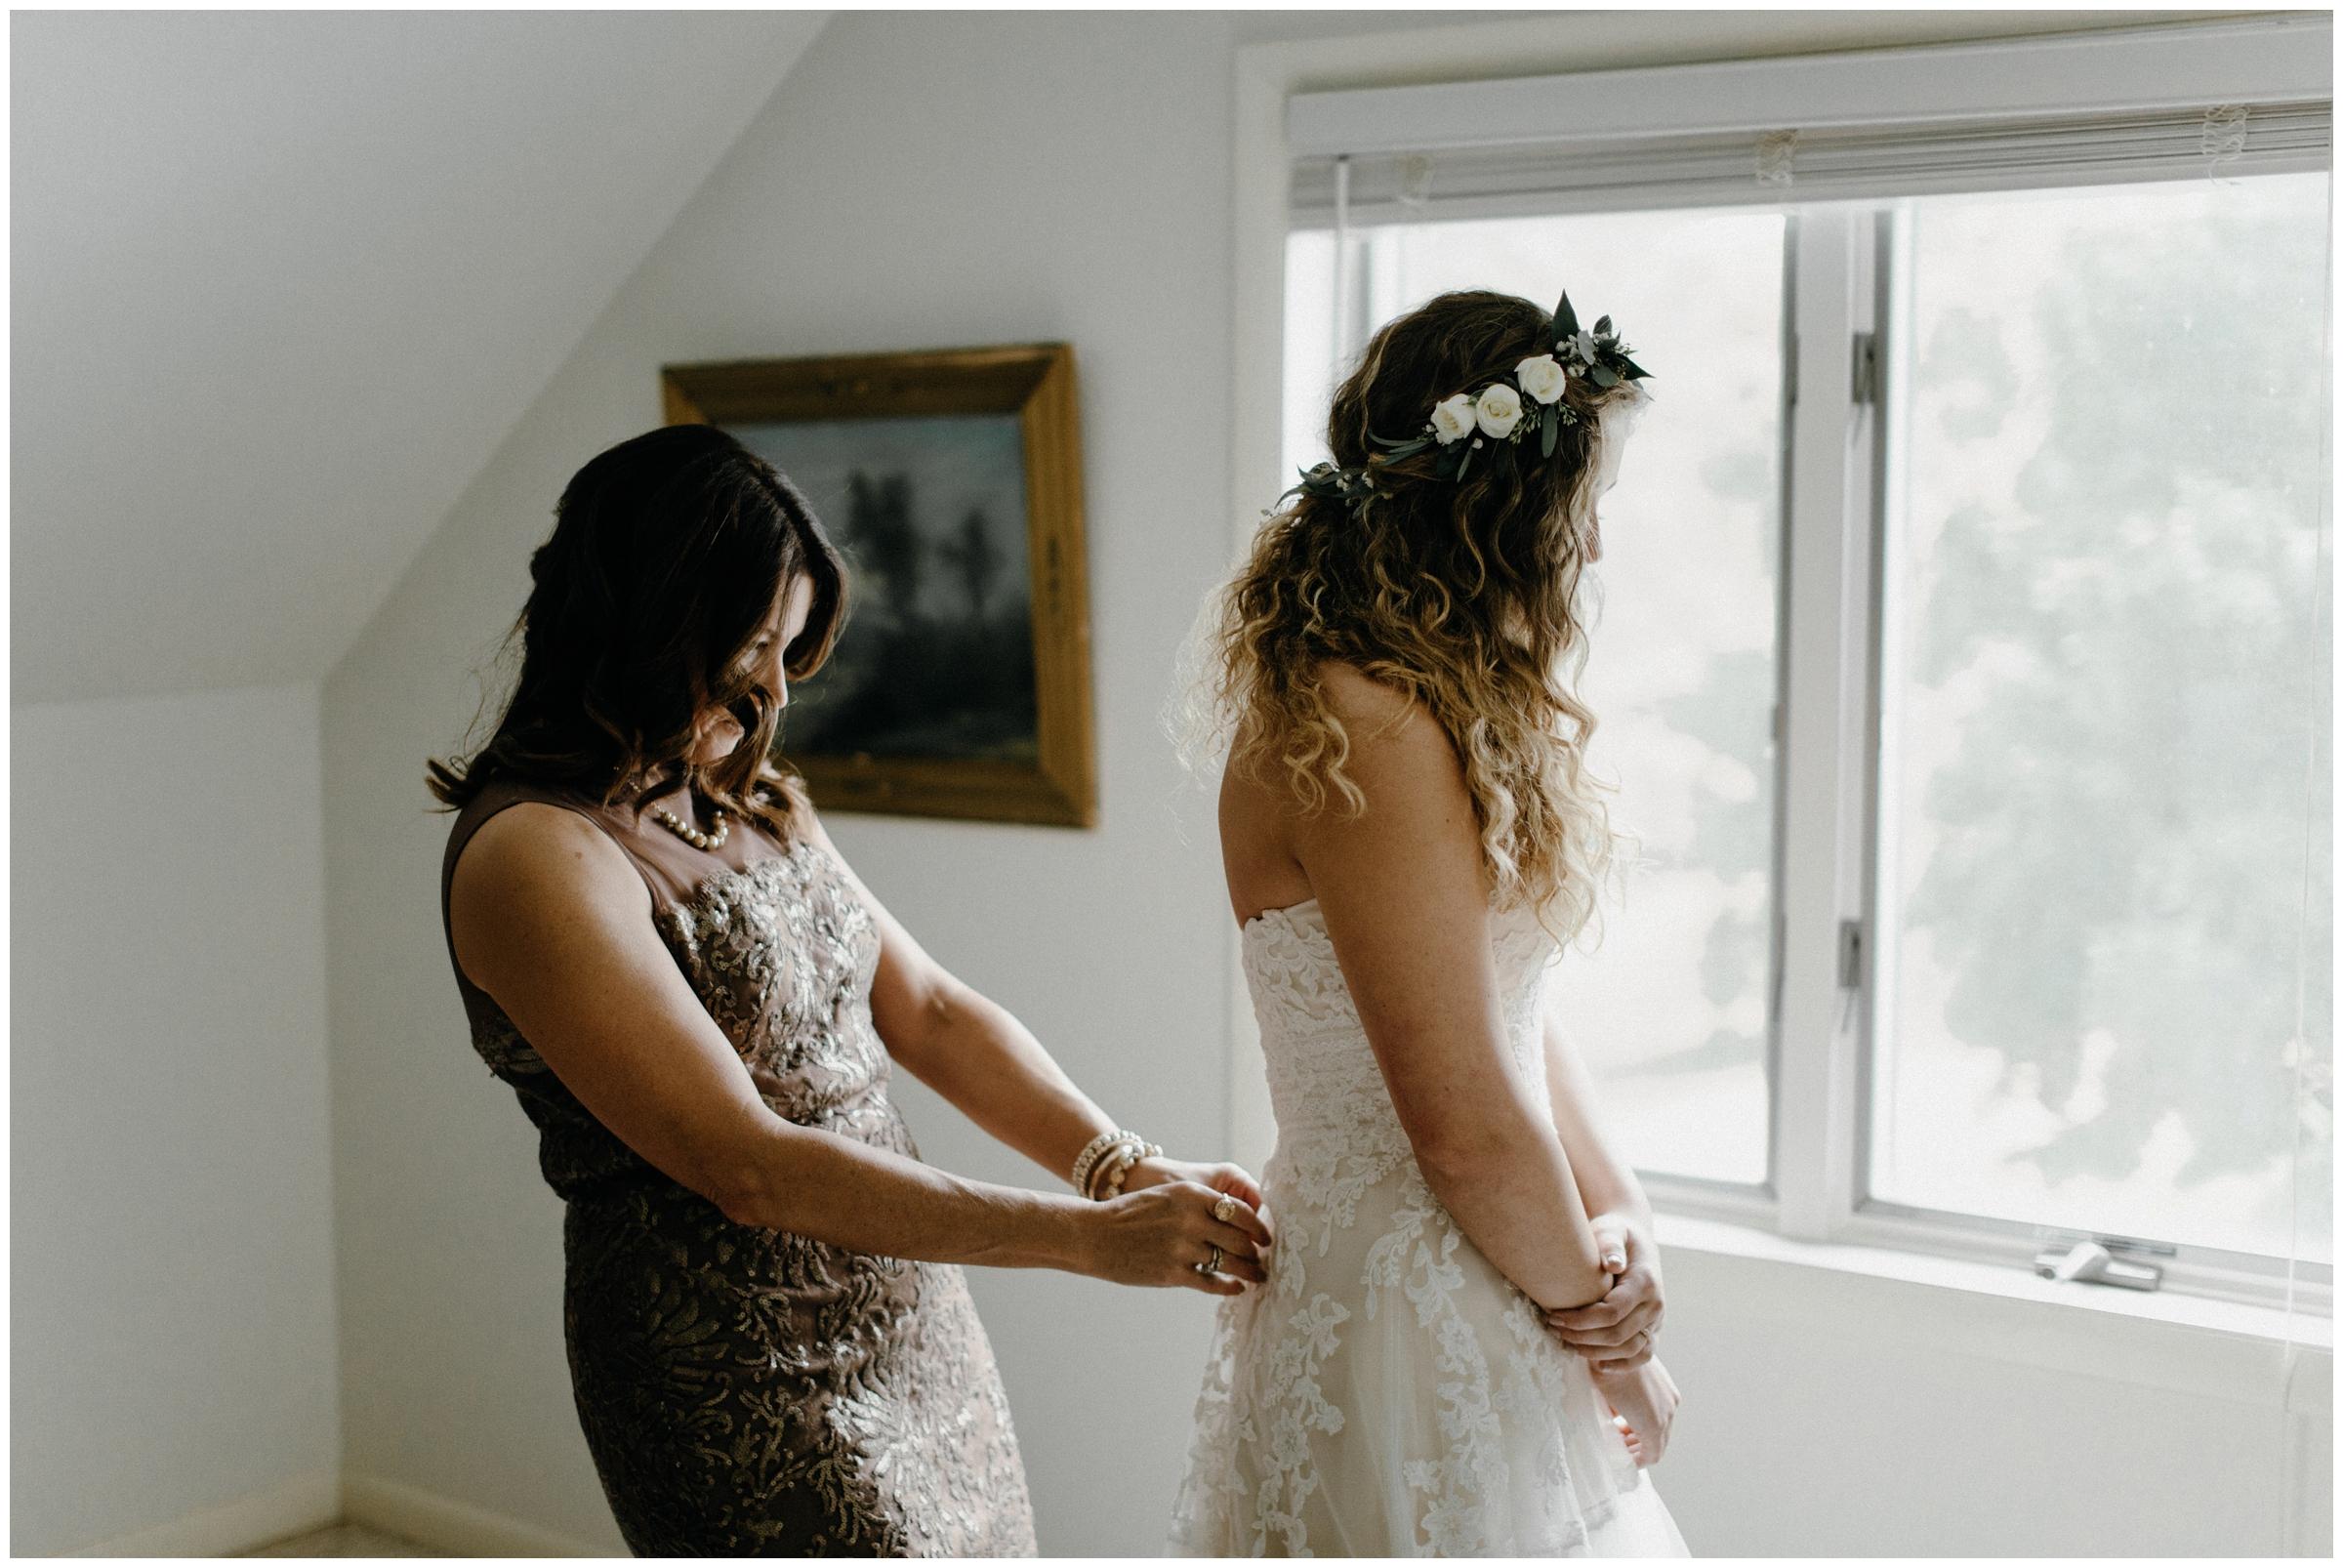 mother zips bride into her wedding dress in springfield missouri